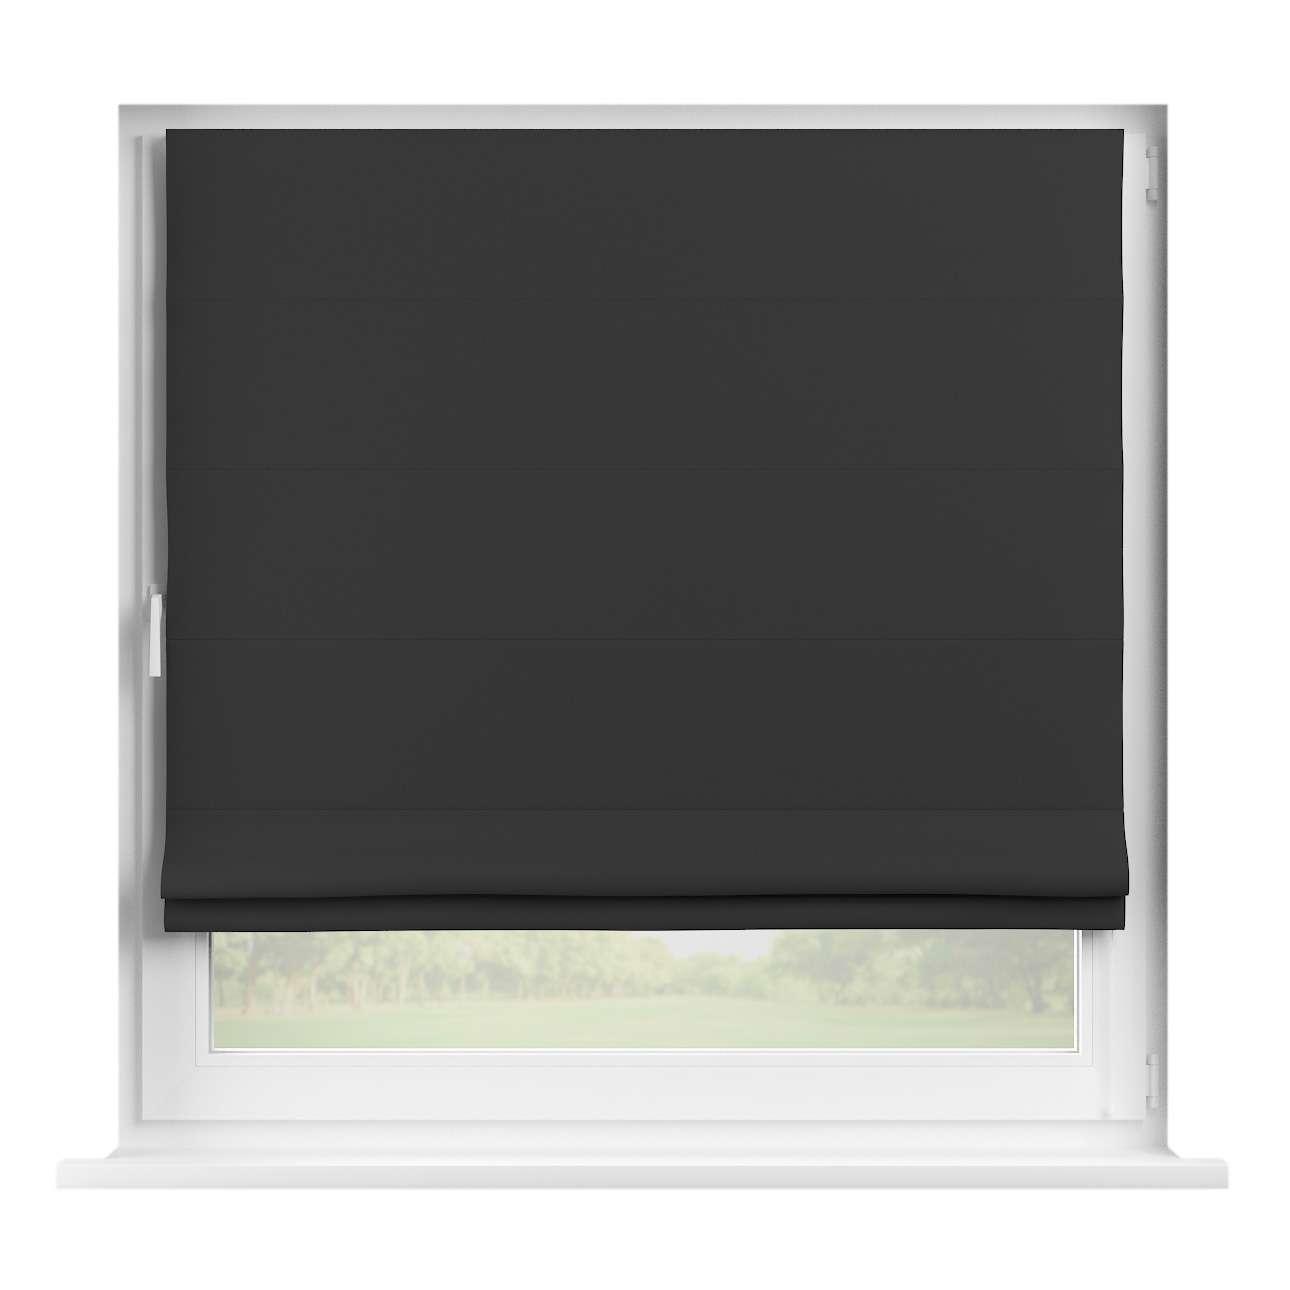 Foldegardiner mørklægning fra kollektionen Blackout mørklægning, Stof: 269-99